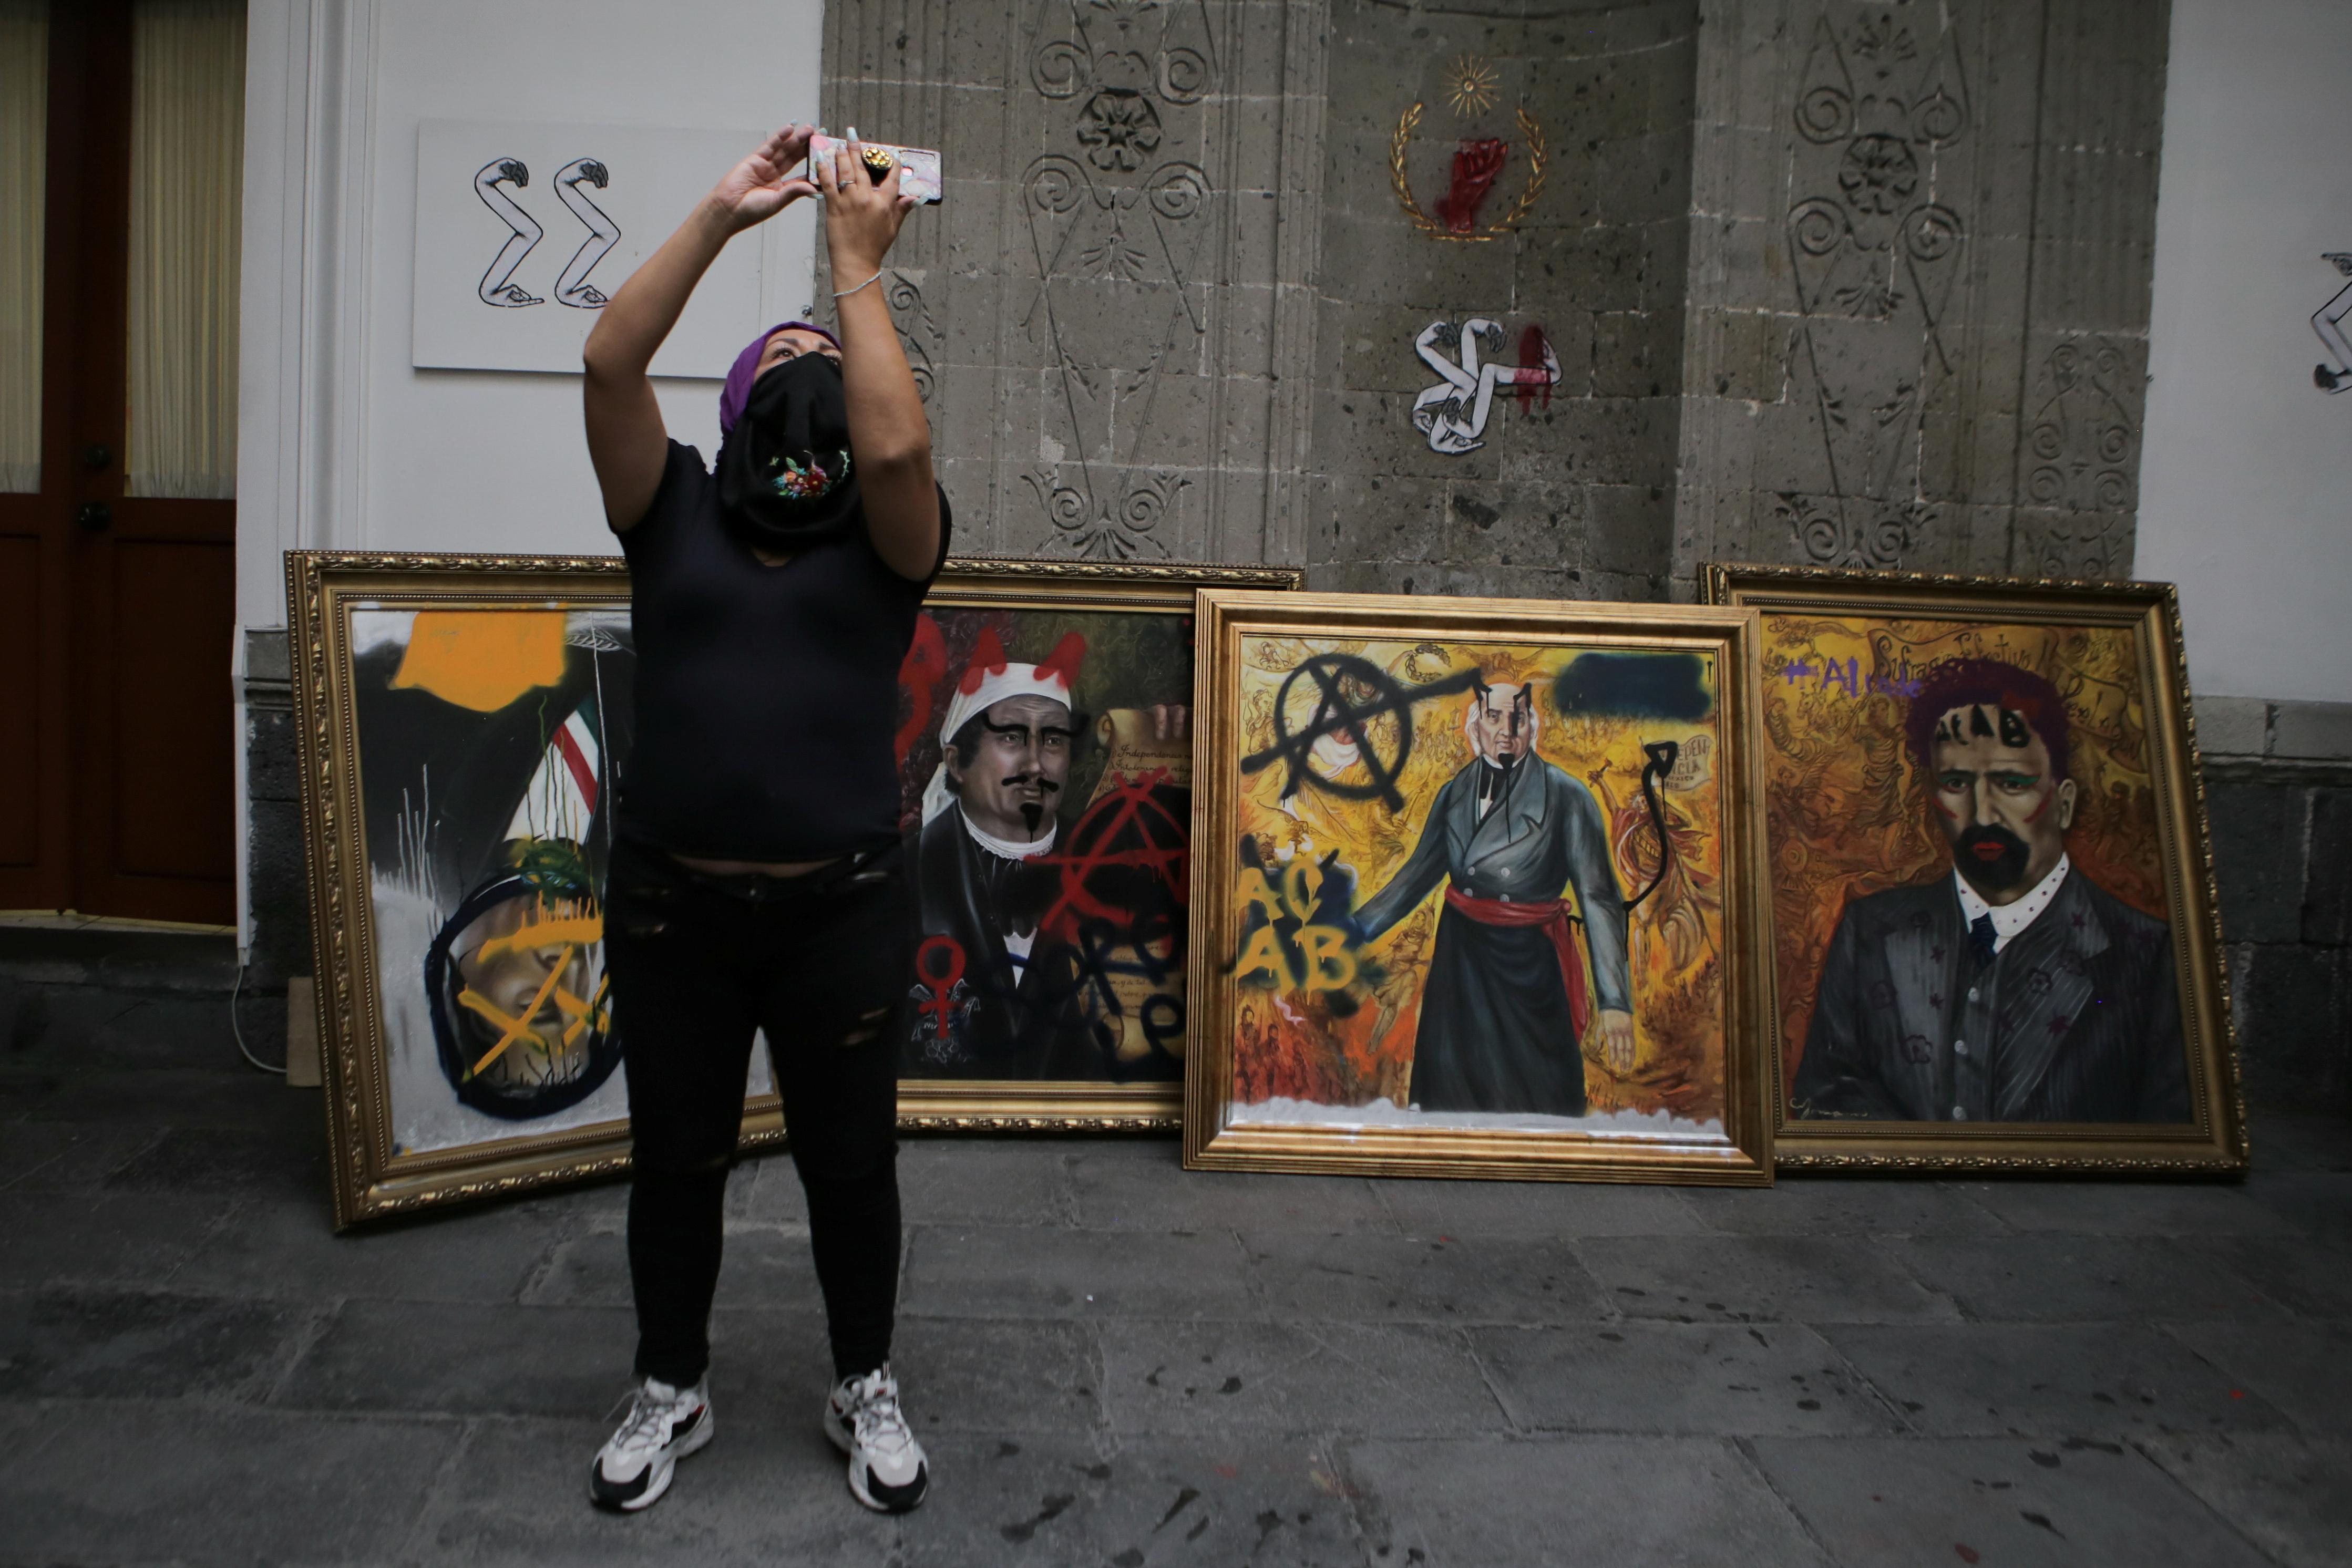 Una integrante de un colectivo feminista se toma una selfie junto a retratos vandalizados de líderes mexicanos dentro de las instalaciones del edificio de la Comisión Nacional de Derechos Humanos, en apoyo a las víctimas de violencia de género, en la Ciudad de México, México, 10 de septiembre de 2020. Fotografía tomada el 10 de septiembre de 2020.